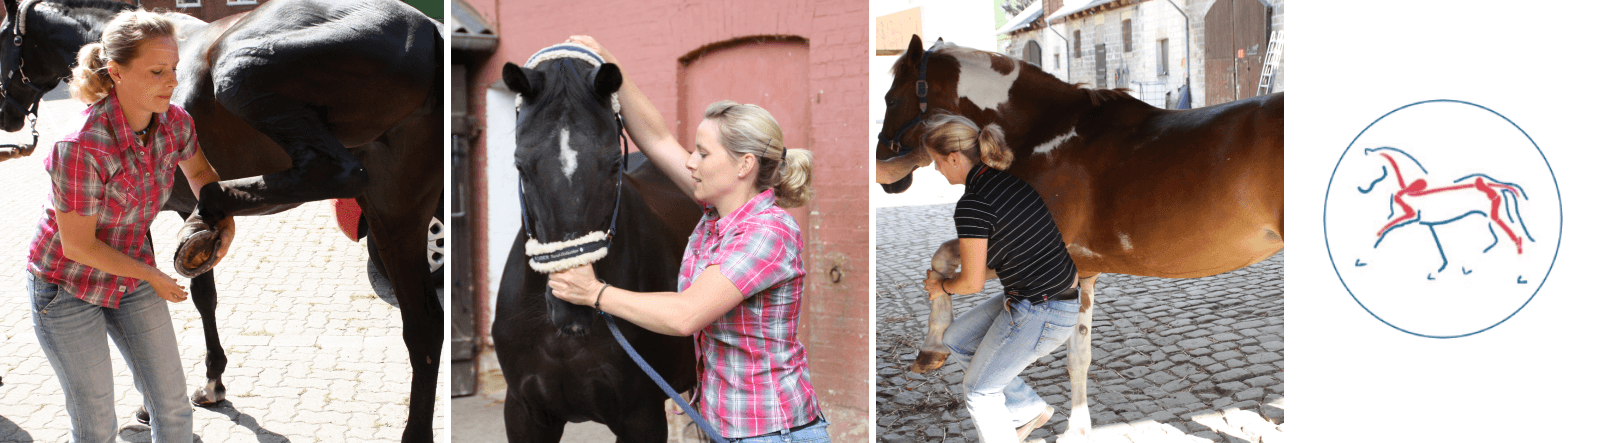 Osteopathie - osteopathische Behandlungen an Pferden und Hunden